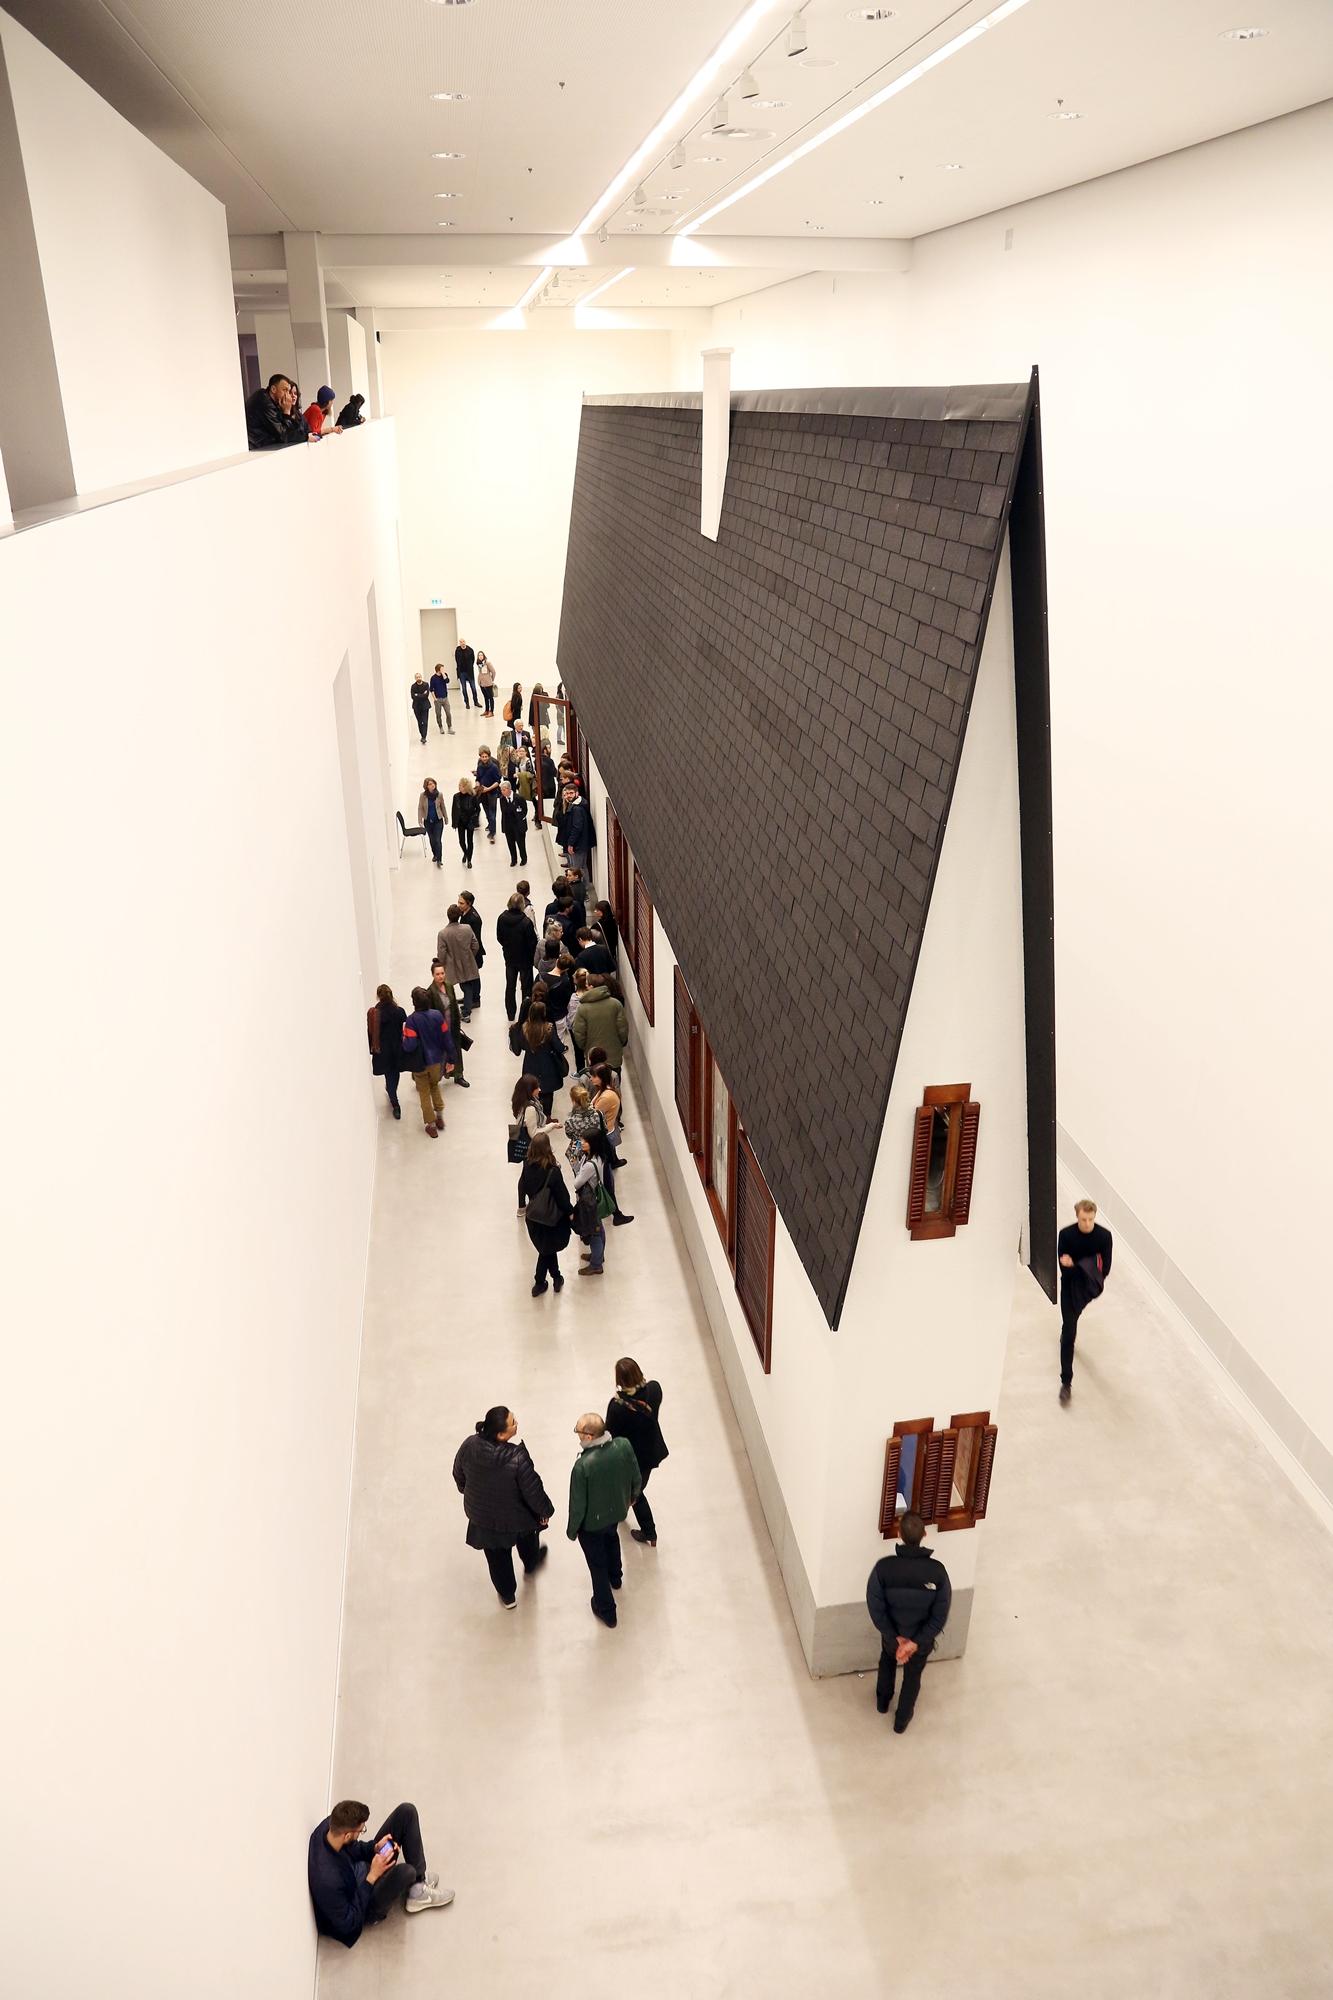 Erwin Wurm, Narrow House, Berlinische Galerie 2016, © Erwin Wurm, VG Bild-Kunst Bonn, 2016, Foto: Amin Akhtar